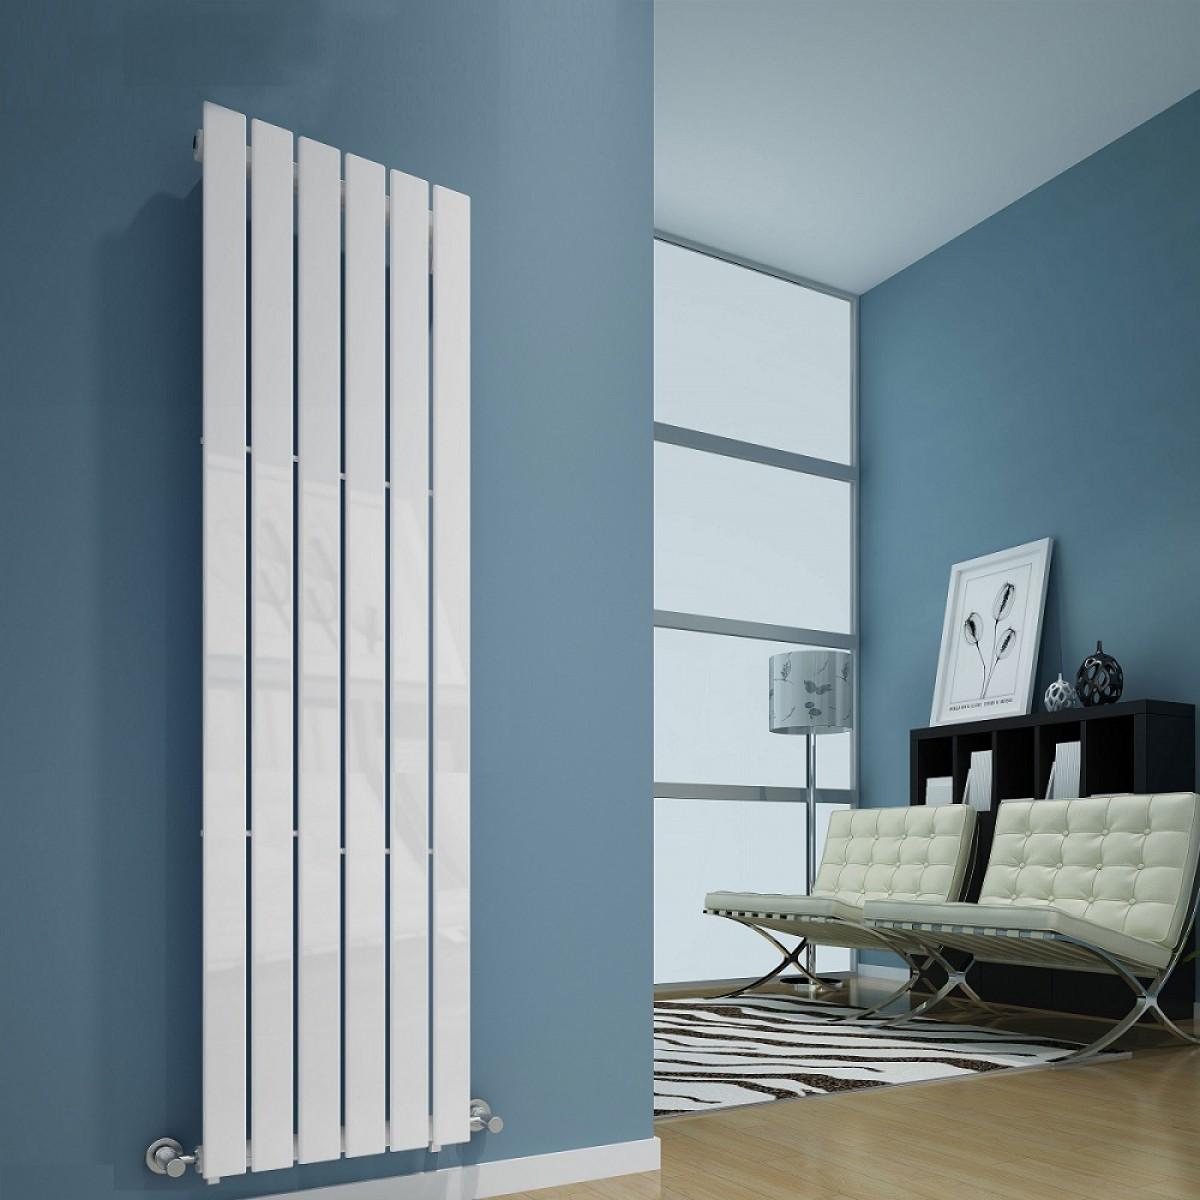 Een badkamerradiator is de ideale verwarming voor de badkamer  Blog Sanifun # Design Radiator Badkamer Middenaansluiting_080254